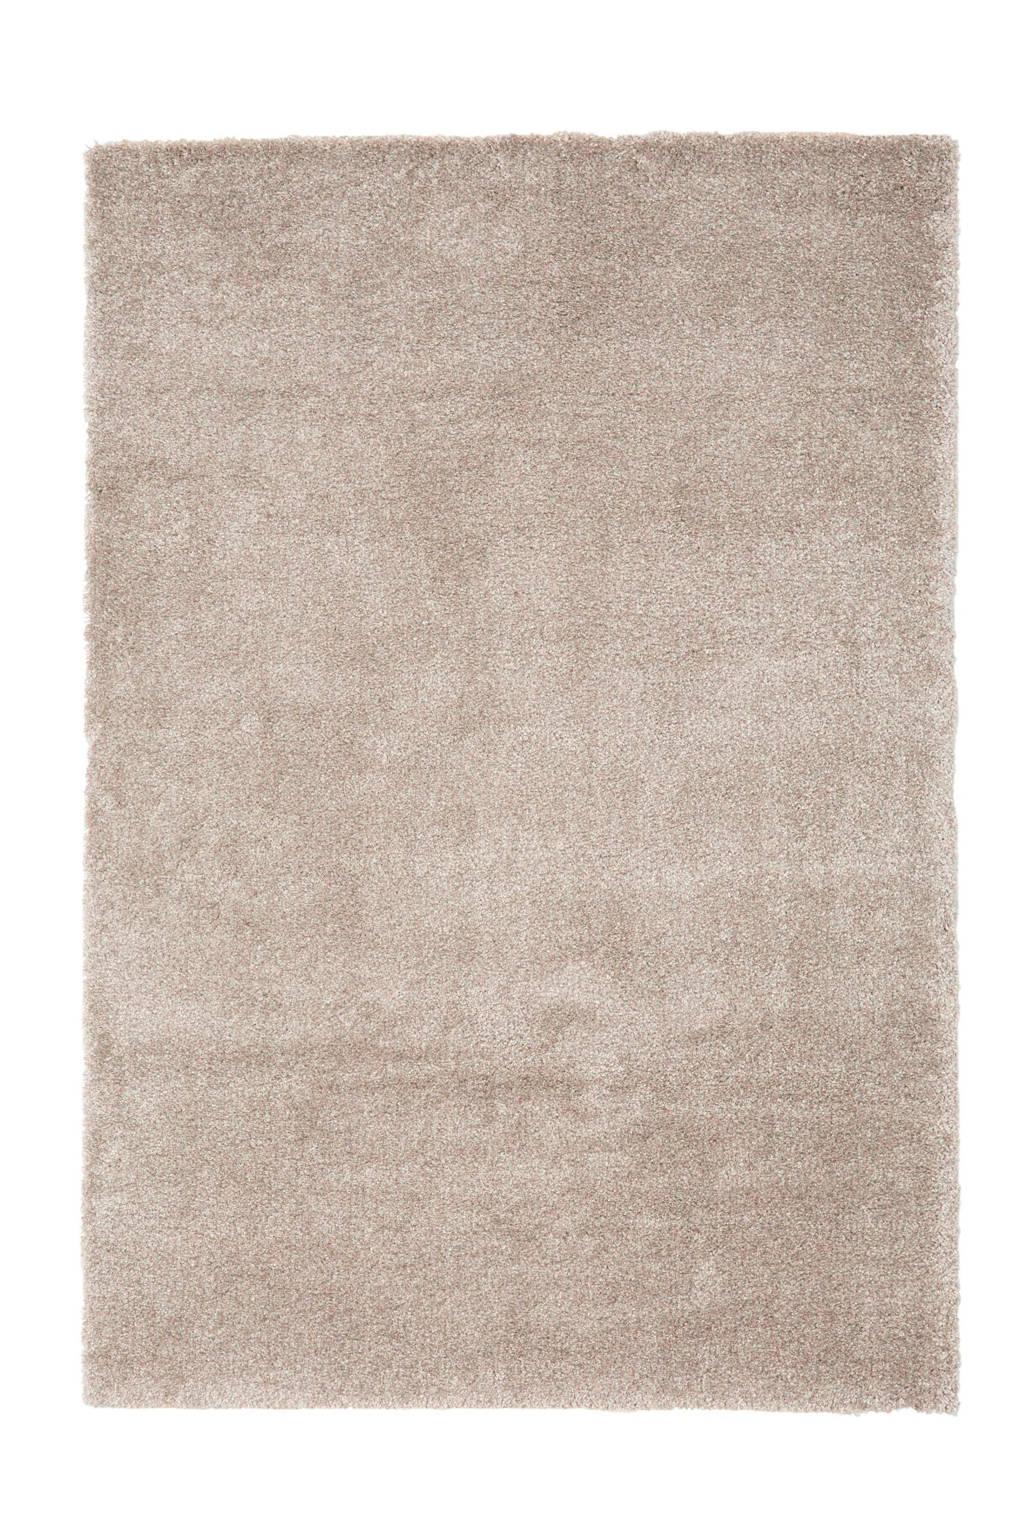 whkmp's own Vloerkleed  (290x200 cm), Grijs gemeleerd